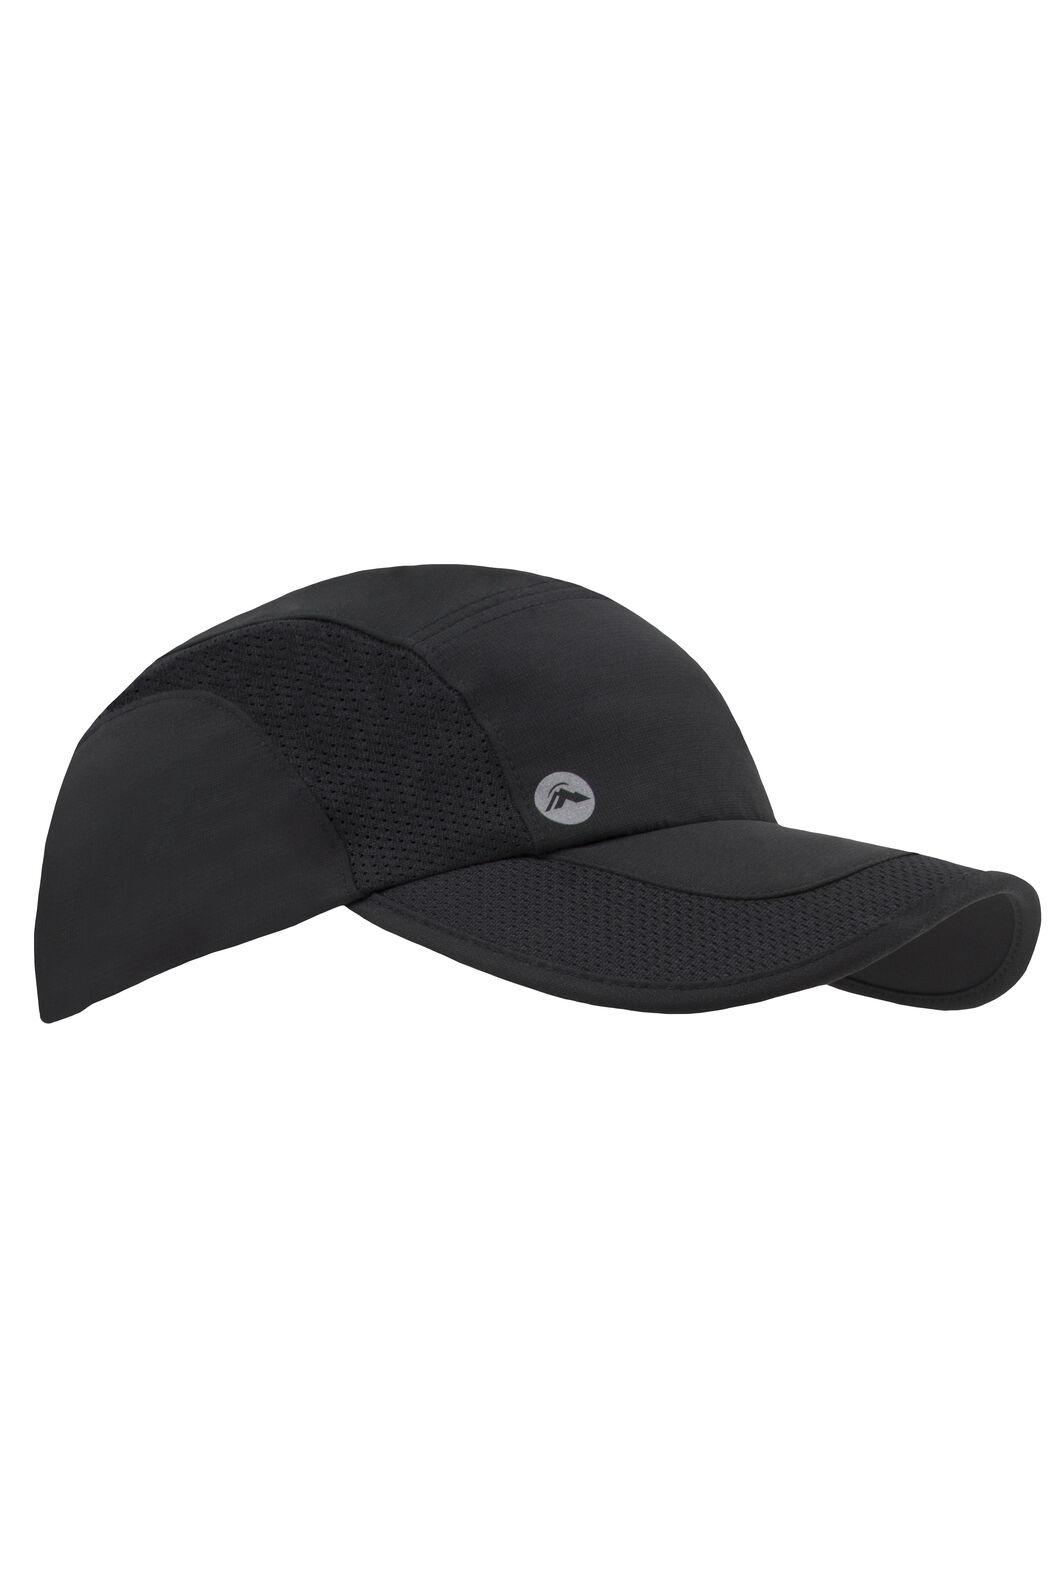 Macpac Fast Pack Cap - Unisex, Black, hi-res